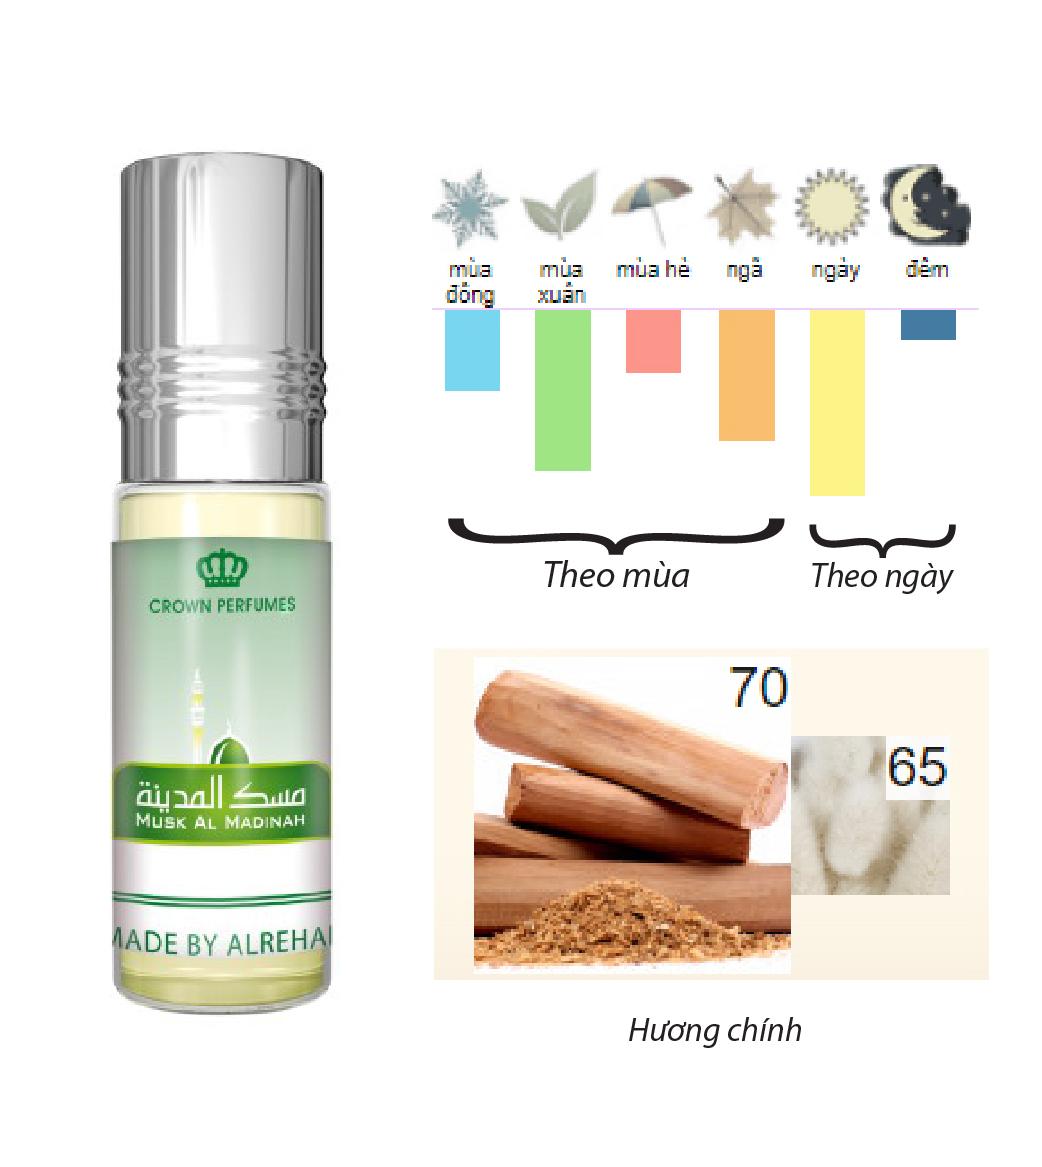 UNISEX - Tinh dầu nước hoa MUSK AL MADINAH al-rehab (hàng chính hãng )